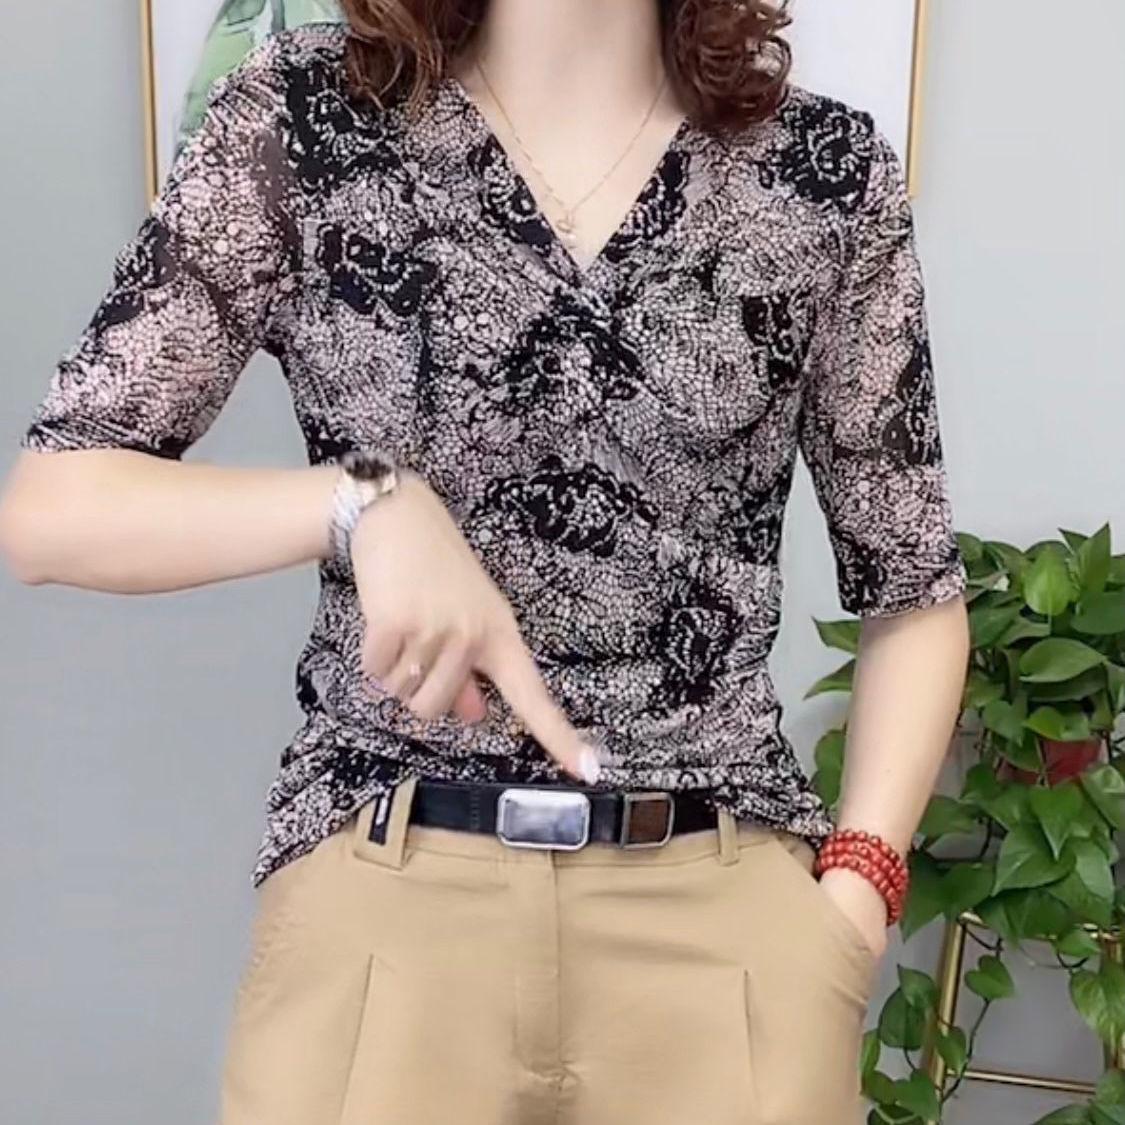 夏季新款短袖T恤女2021女裝五分袖上衣南韓紗百搭顯瘦豹紋小衫